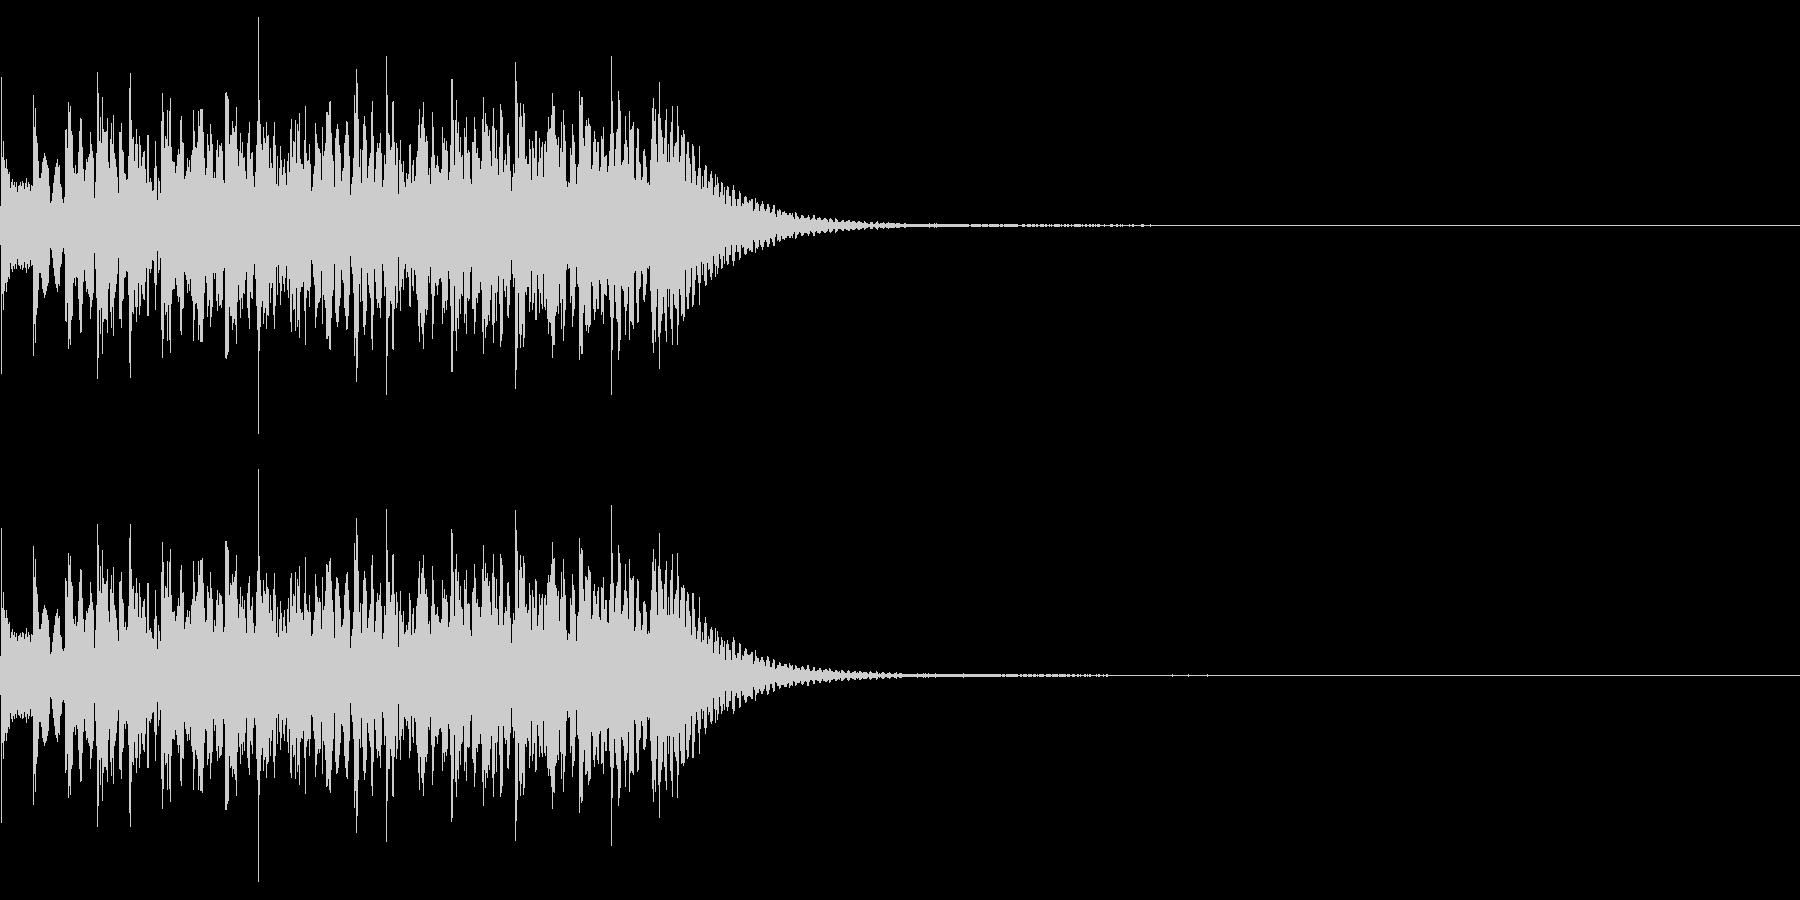 シンプルな効果音 マリンバの不思議音の未再生の波形